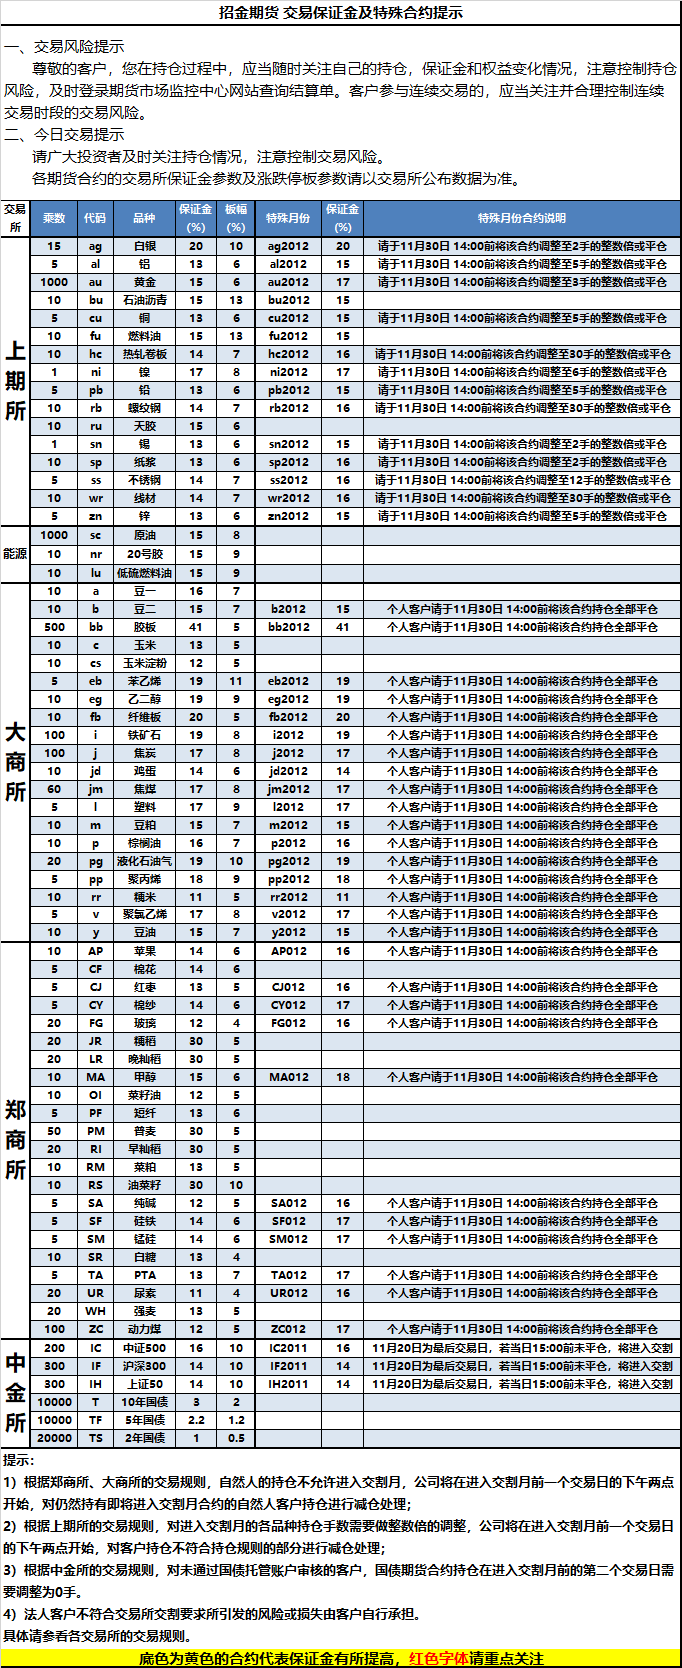 2020-11-18交易保证金